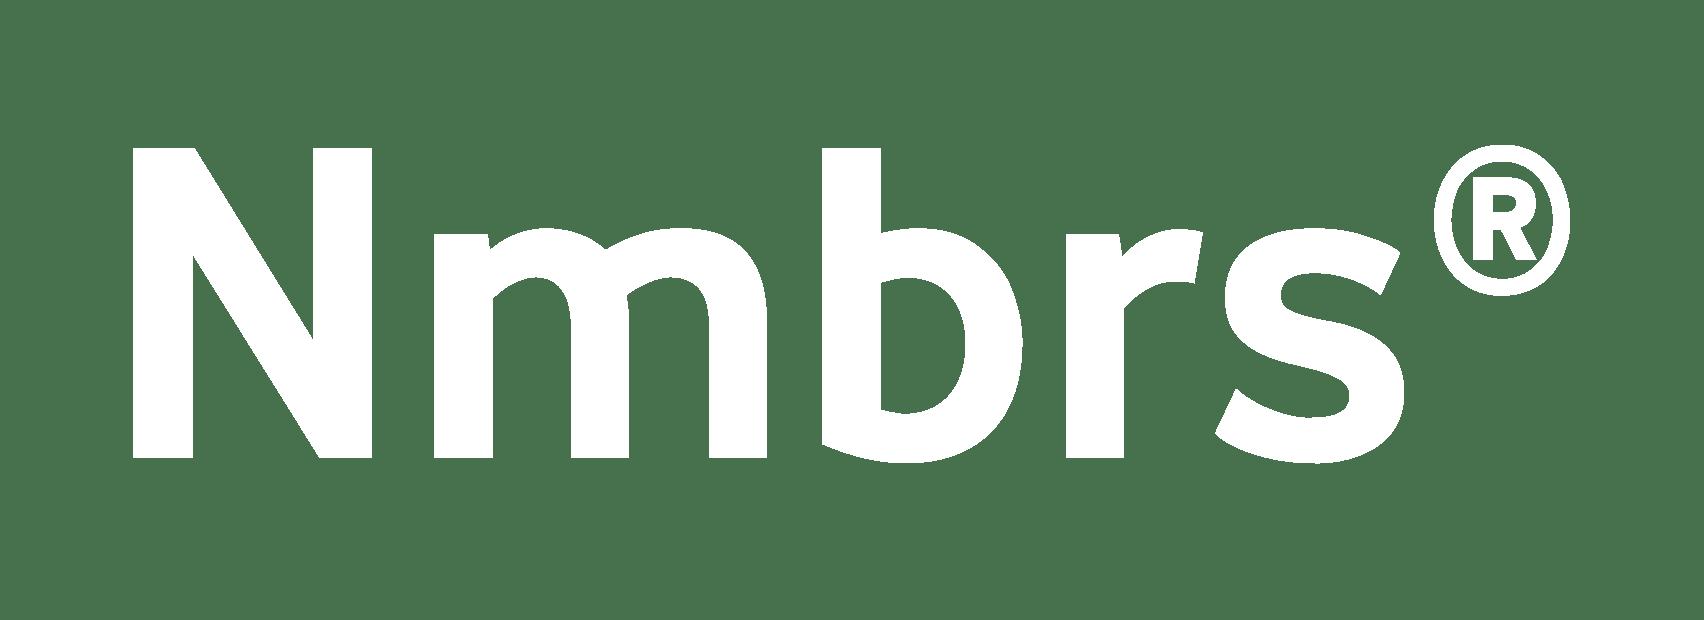 Nmbrs (SE)